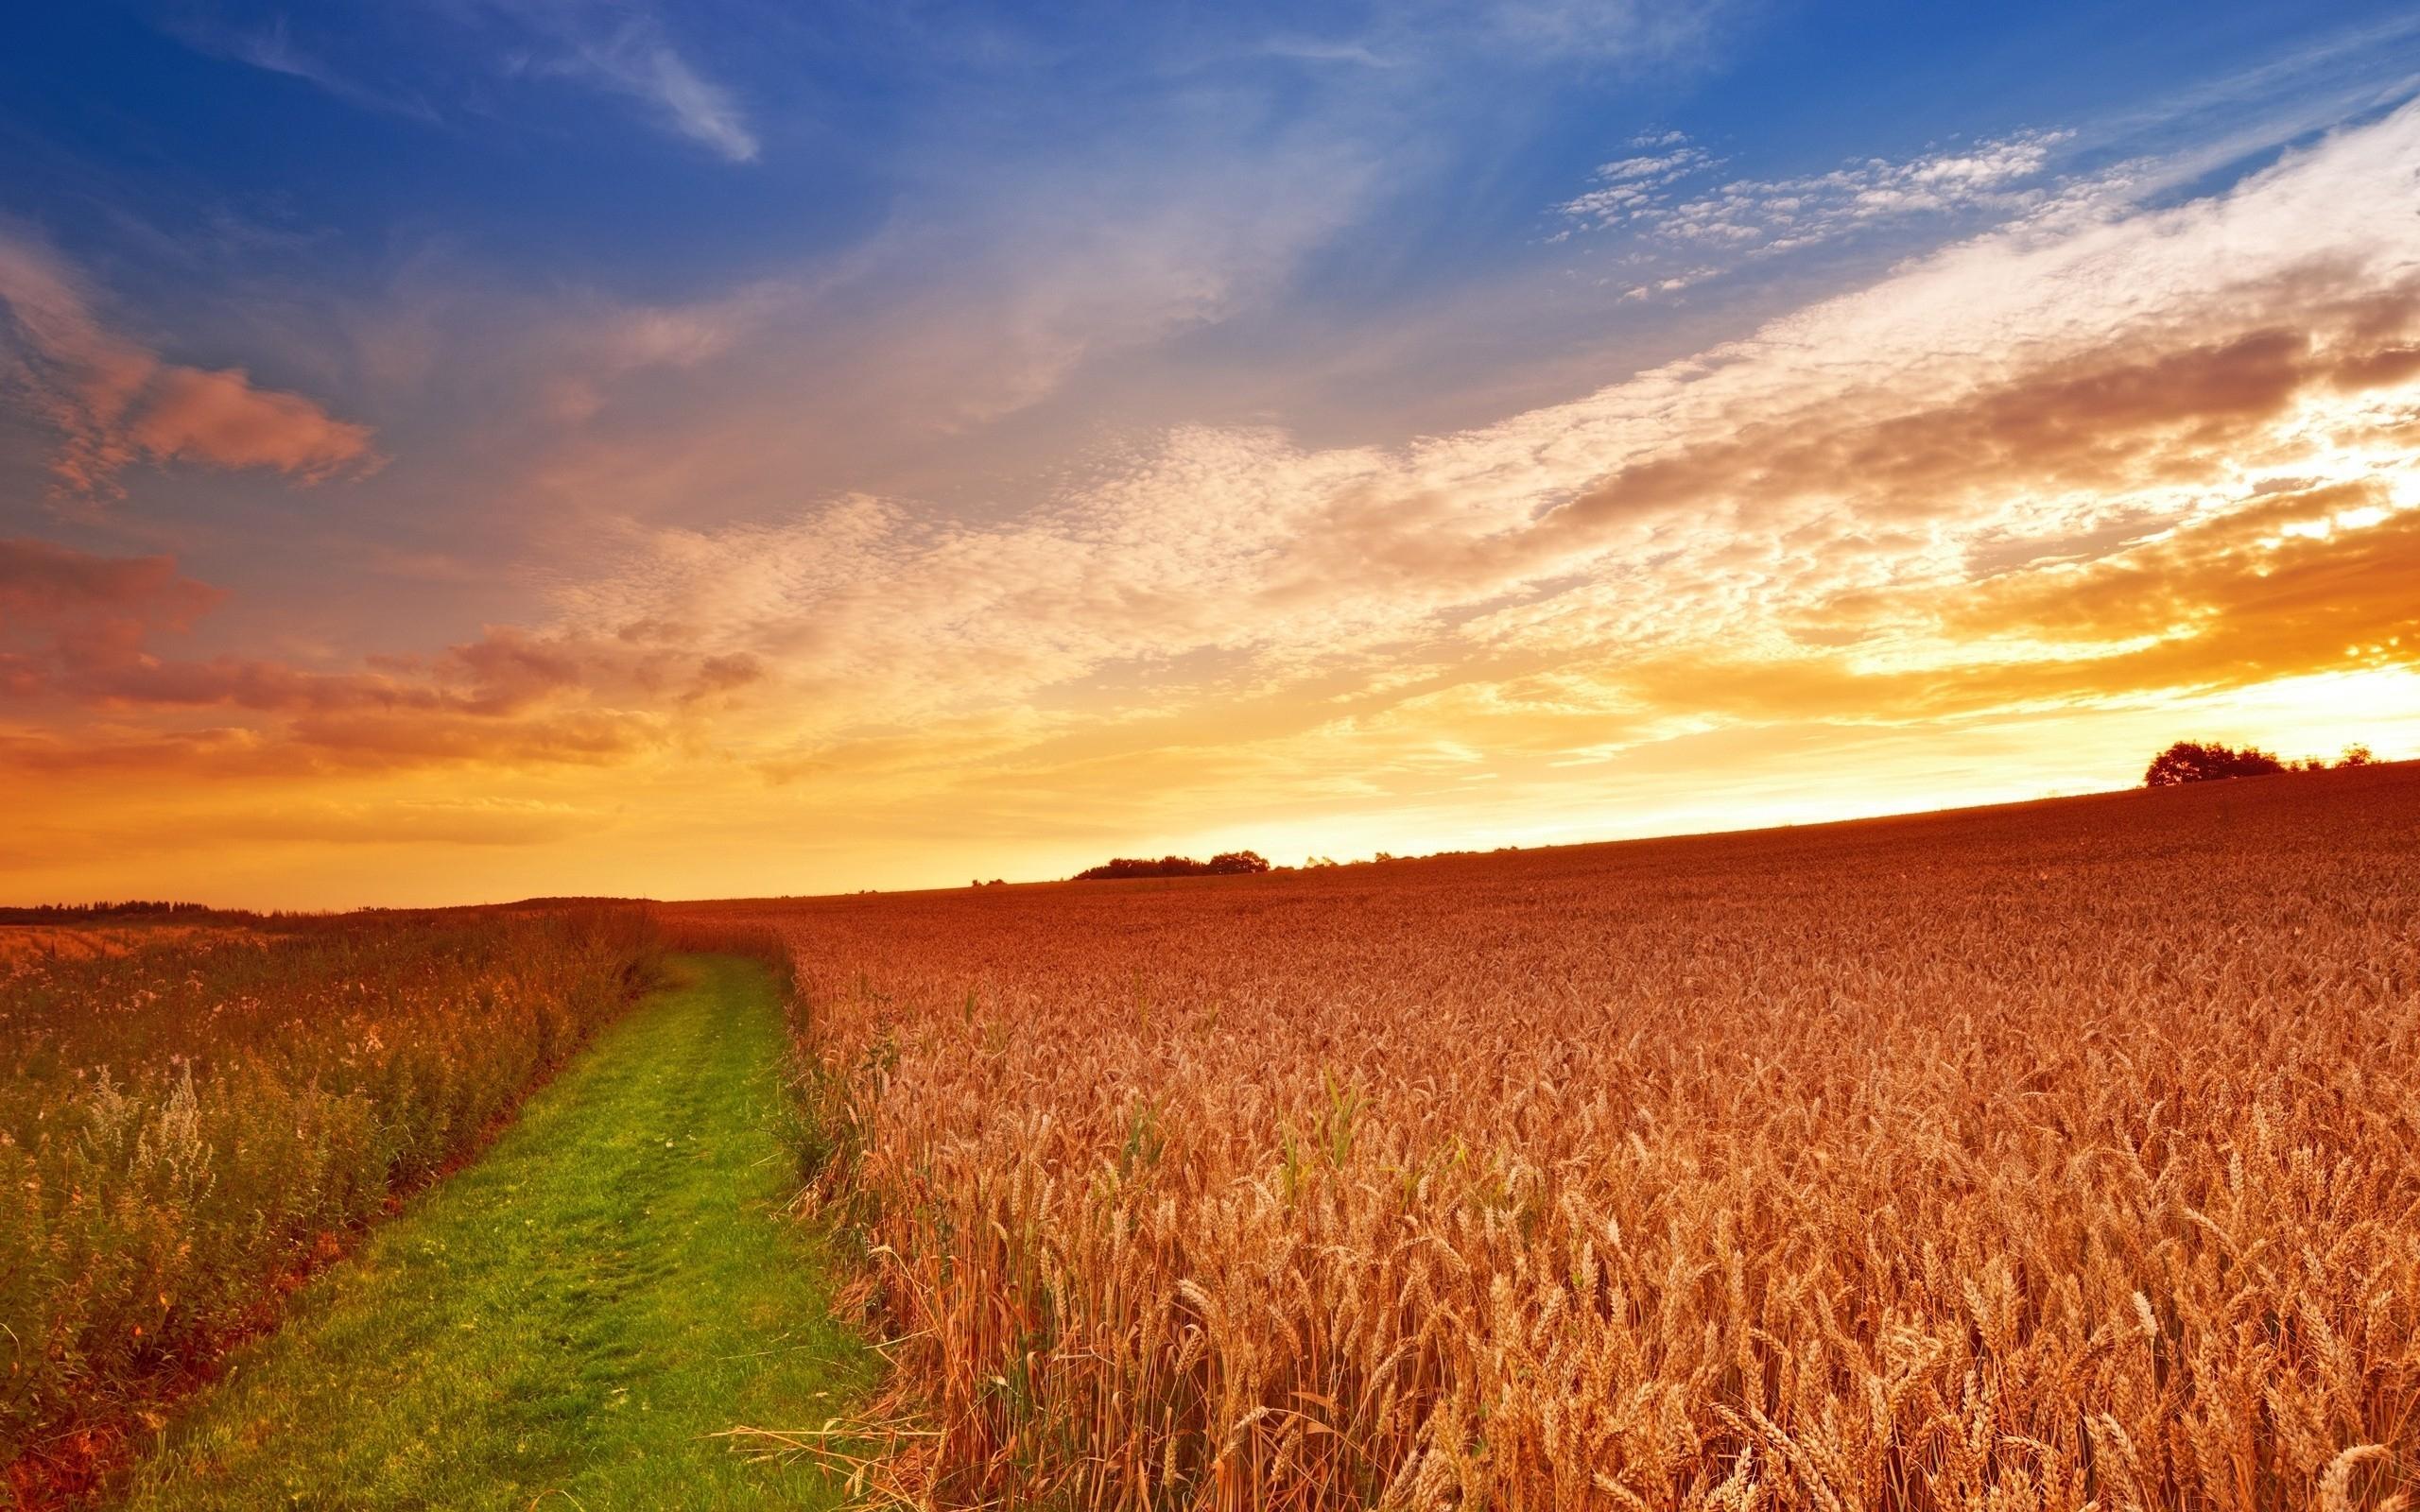 Farming Wallpaper HD 2560x1600